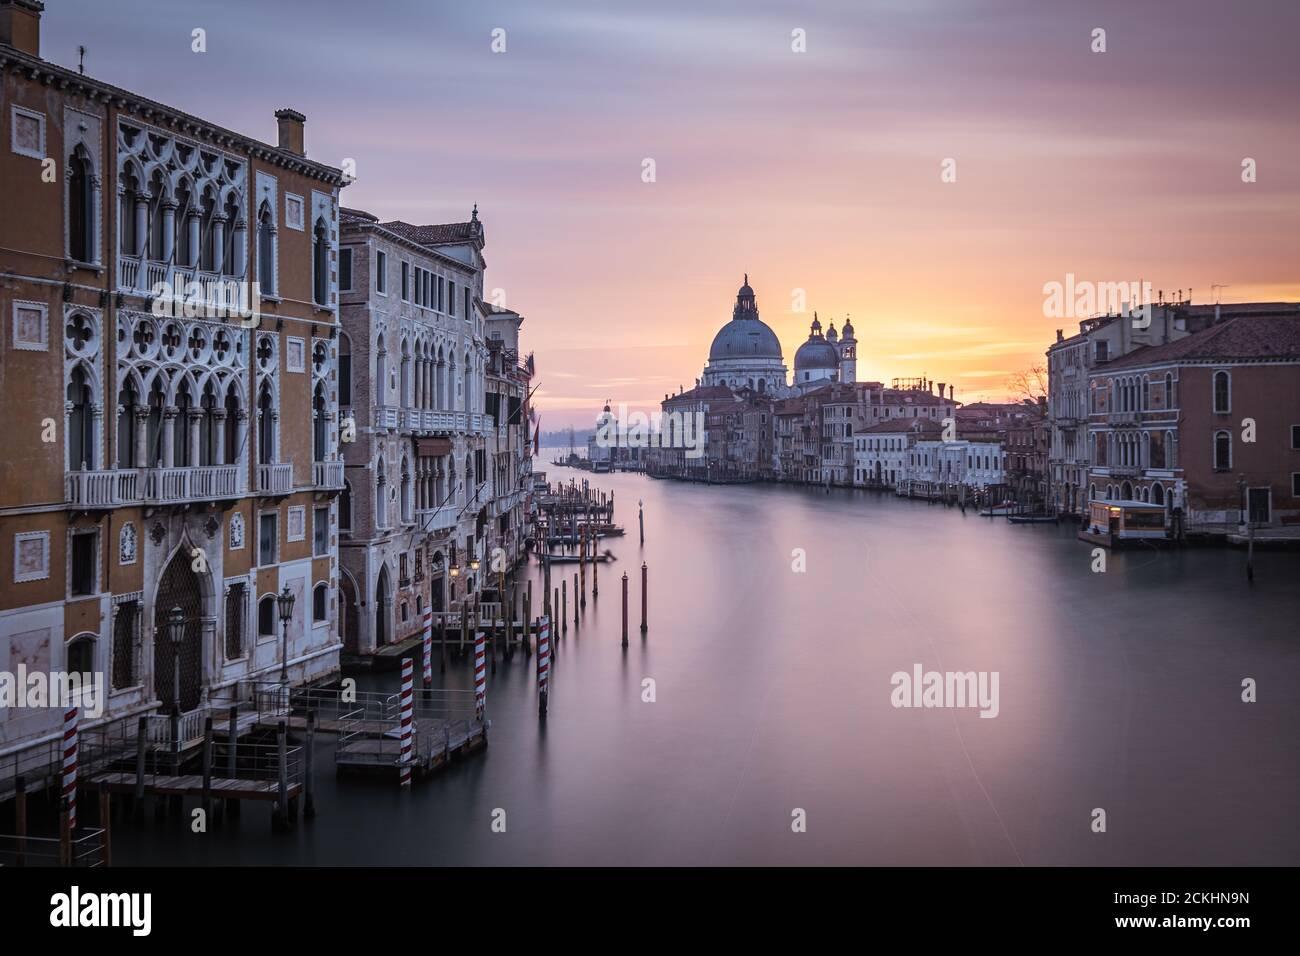 Basilique Santa Maria della Salute vue depuis le pont Ponte dell'Accademia au lever du soleil à Venise, Italie Banque D'Images